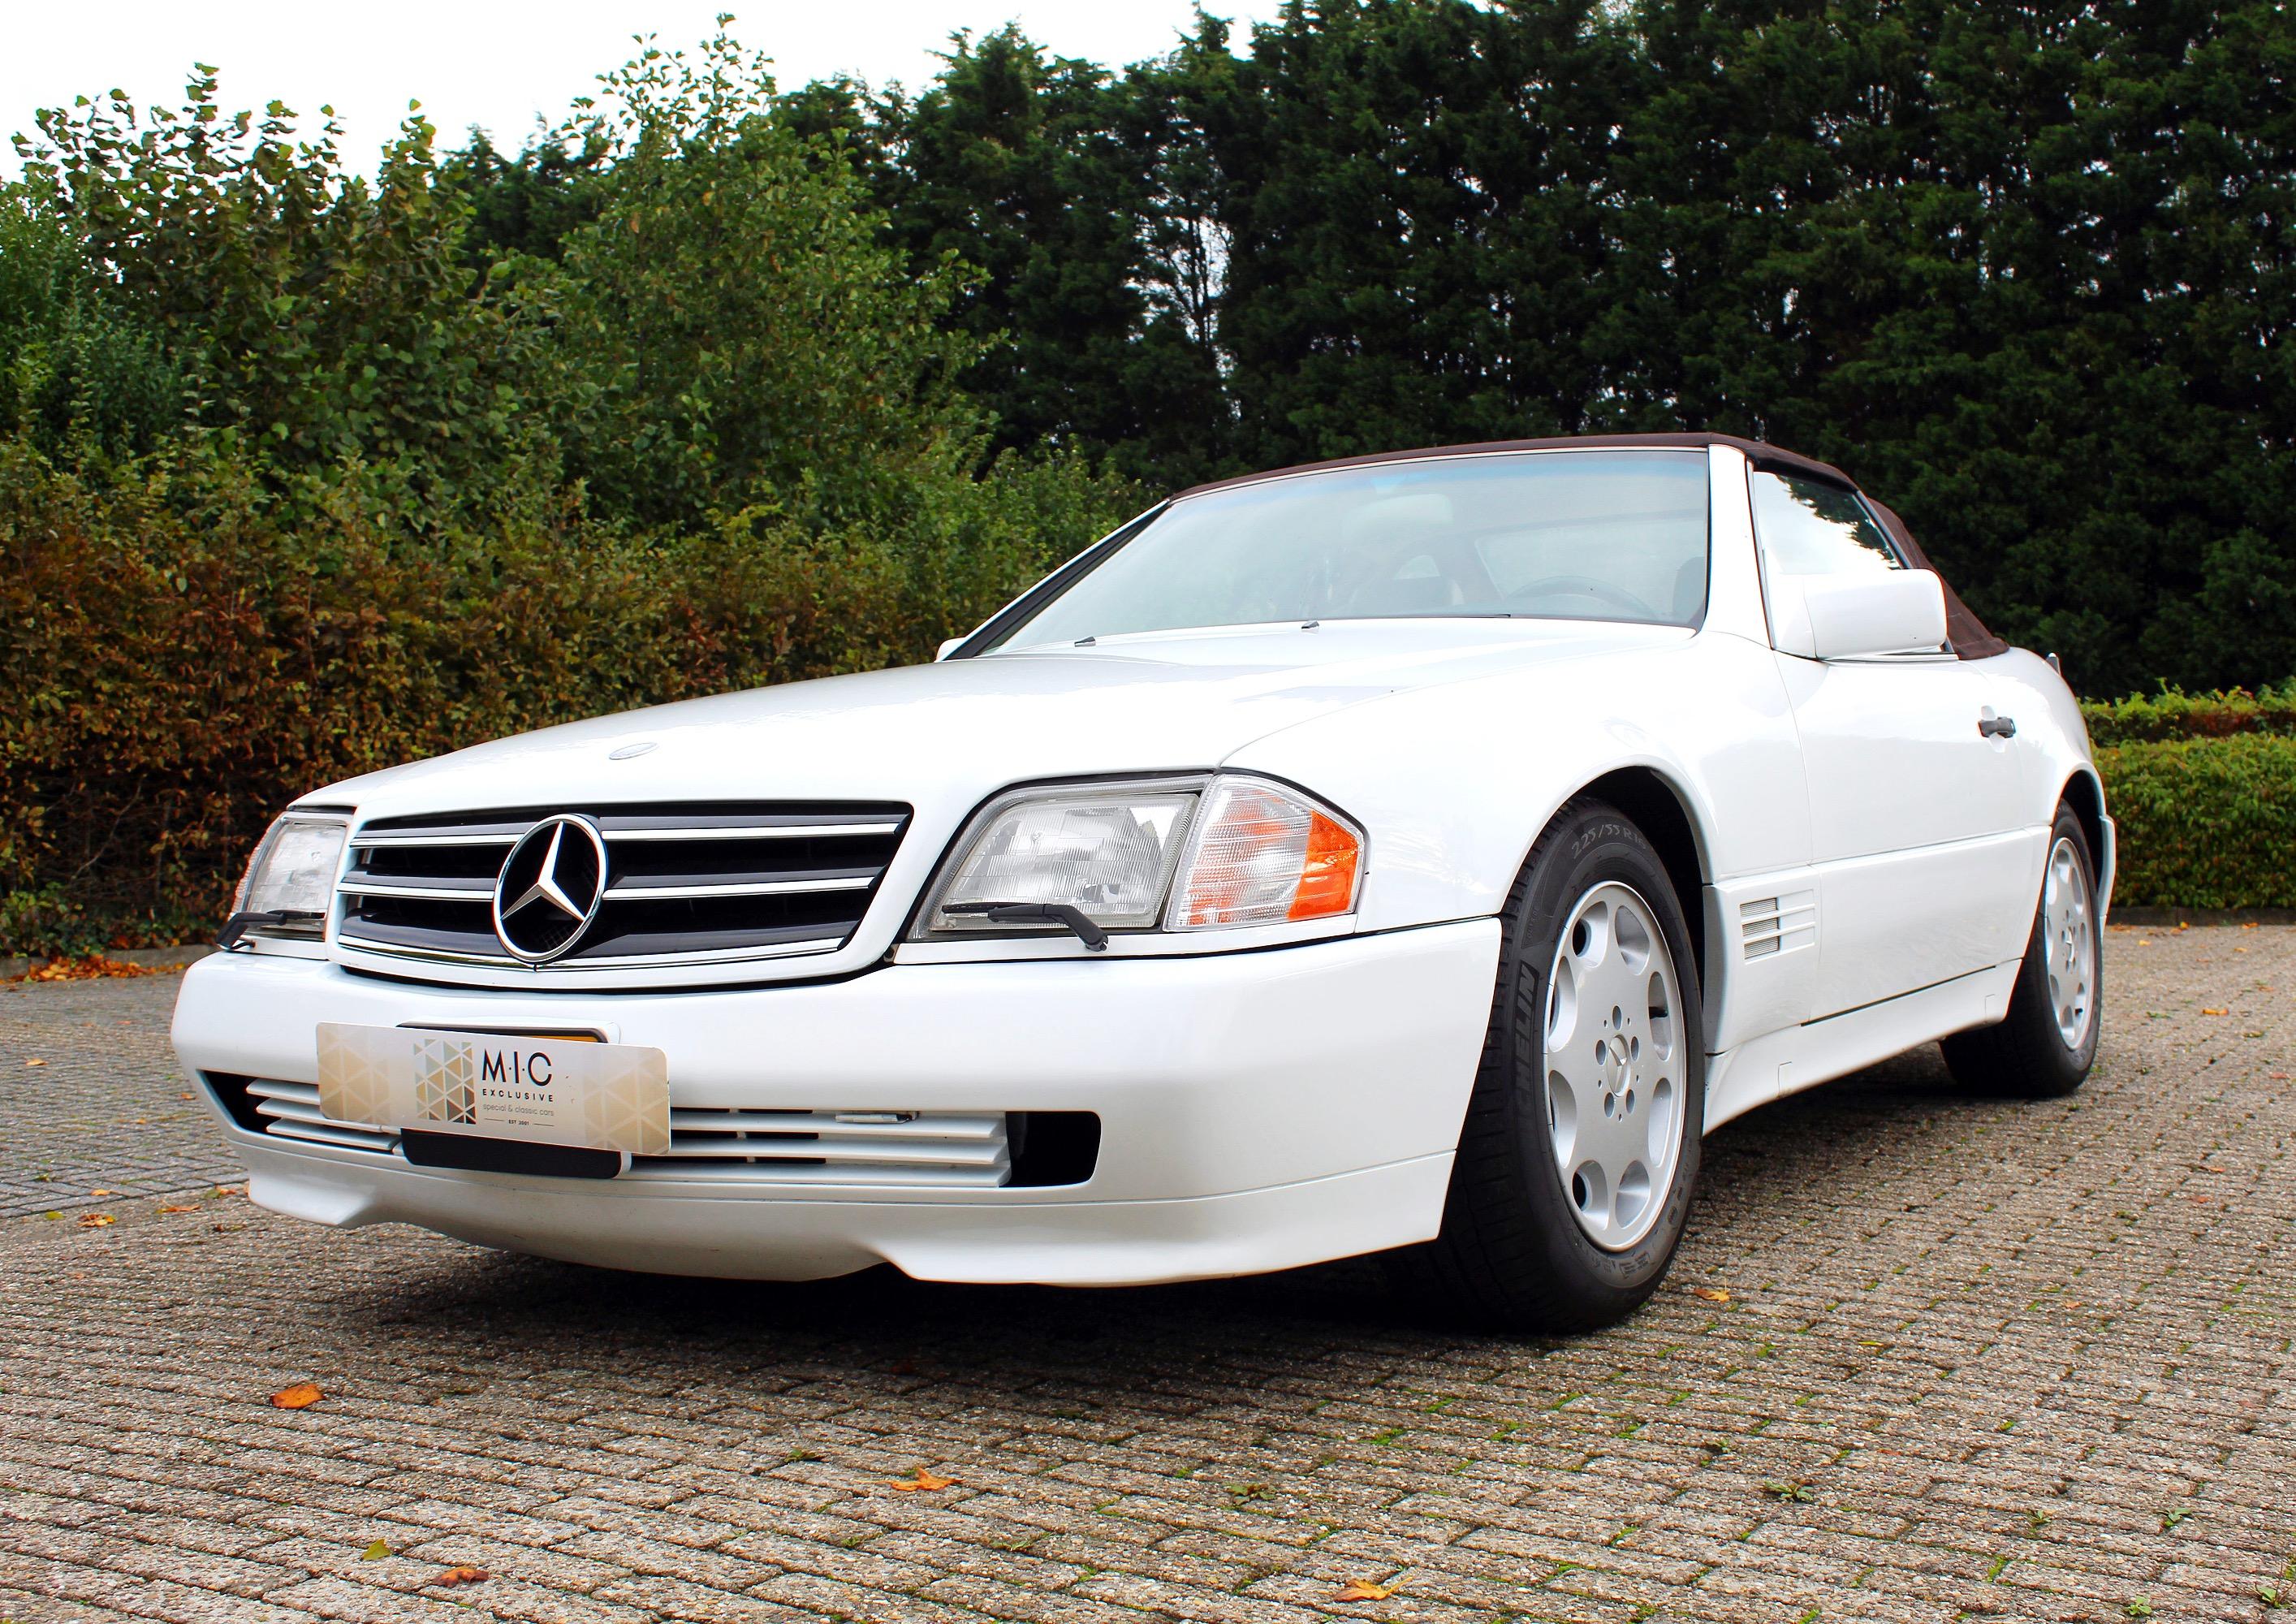 Mercedes Benz SL wit